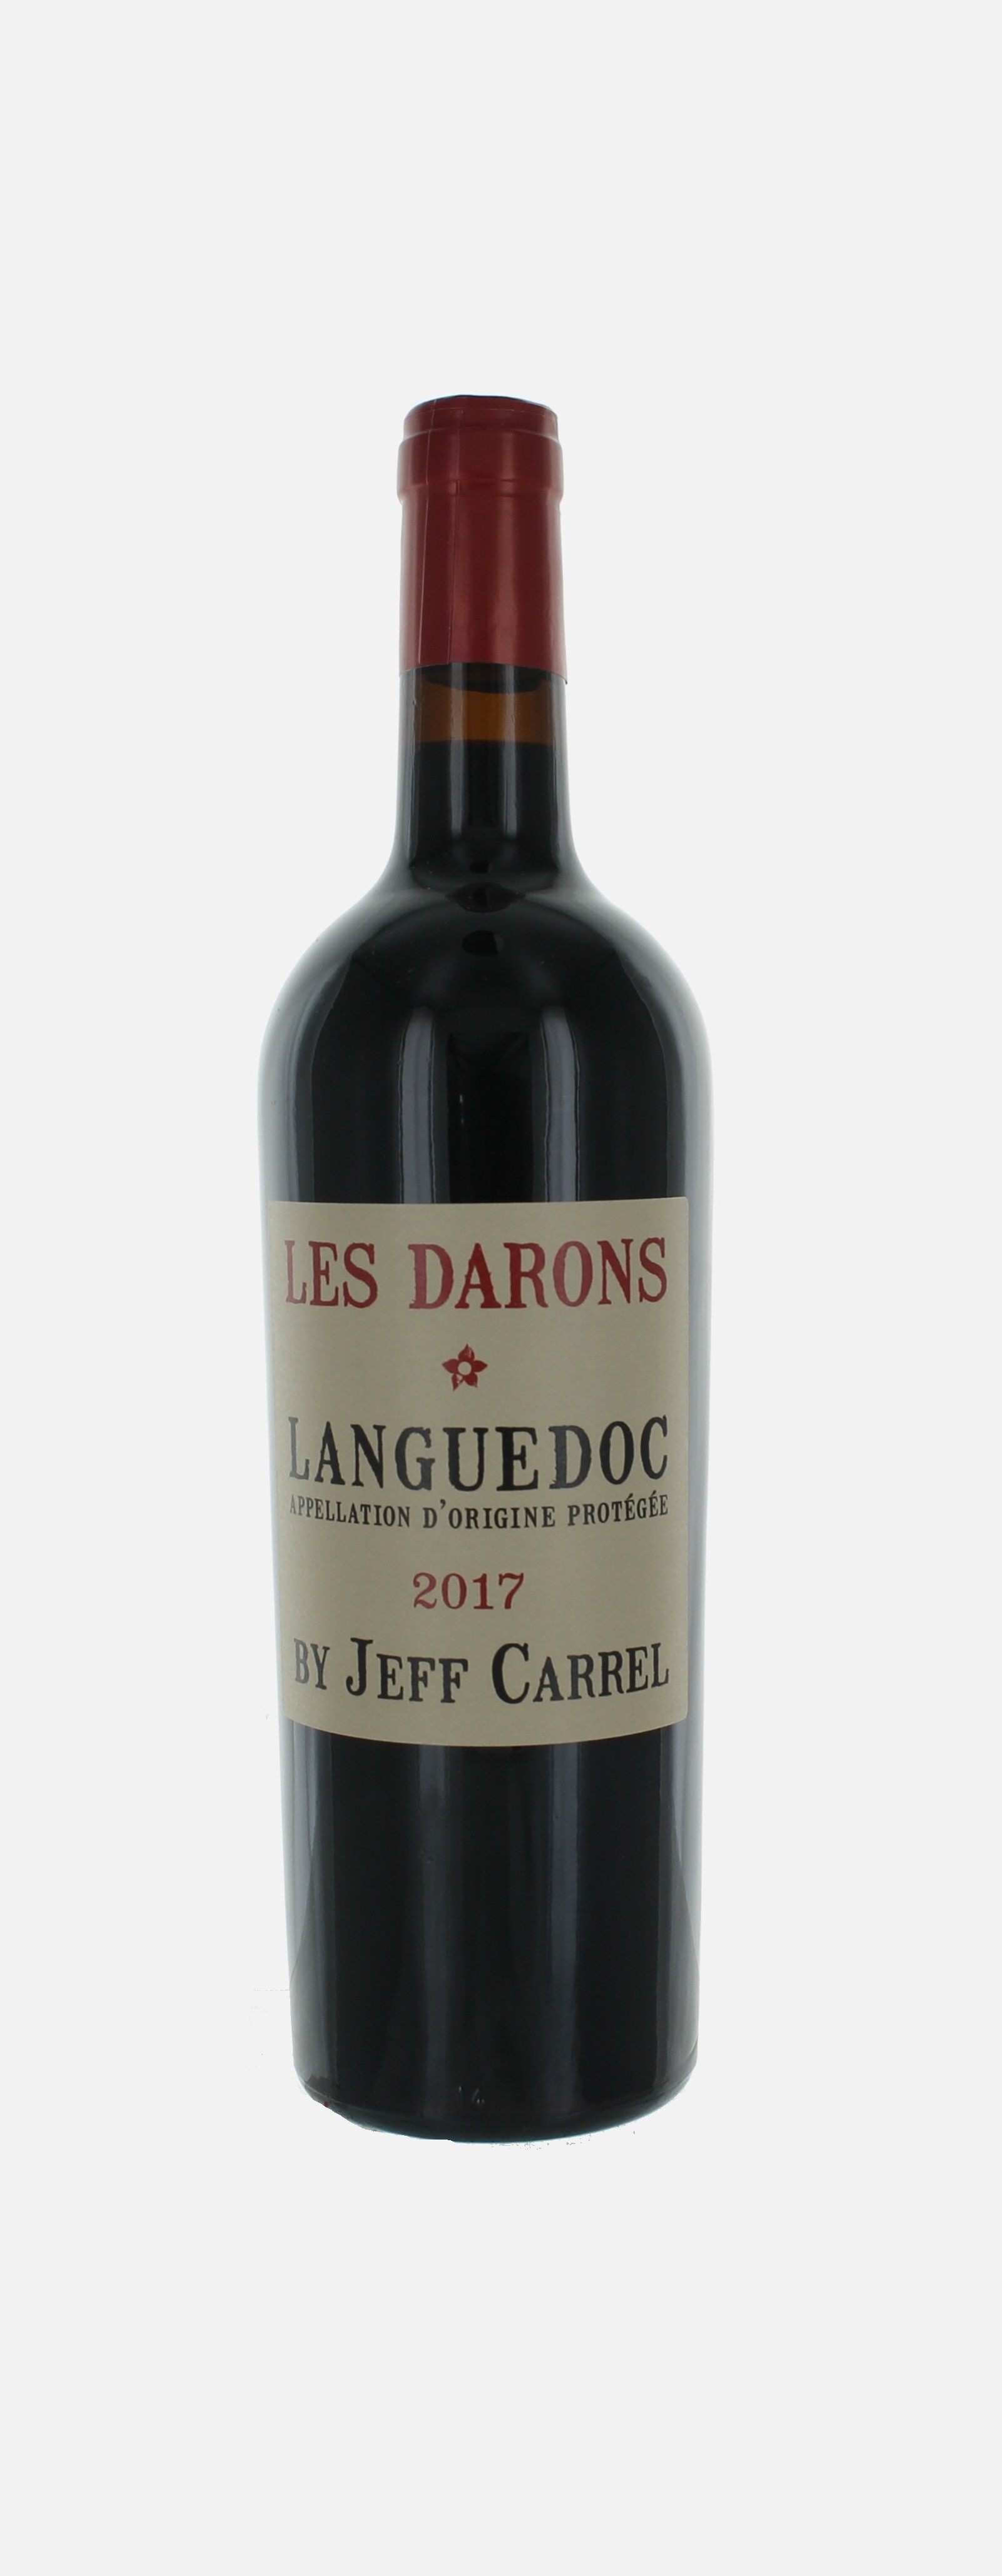 Les Darons, Coteaux du Languedoc, Jeff Carrel